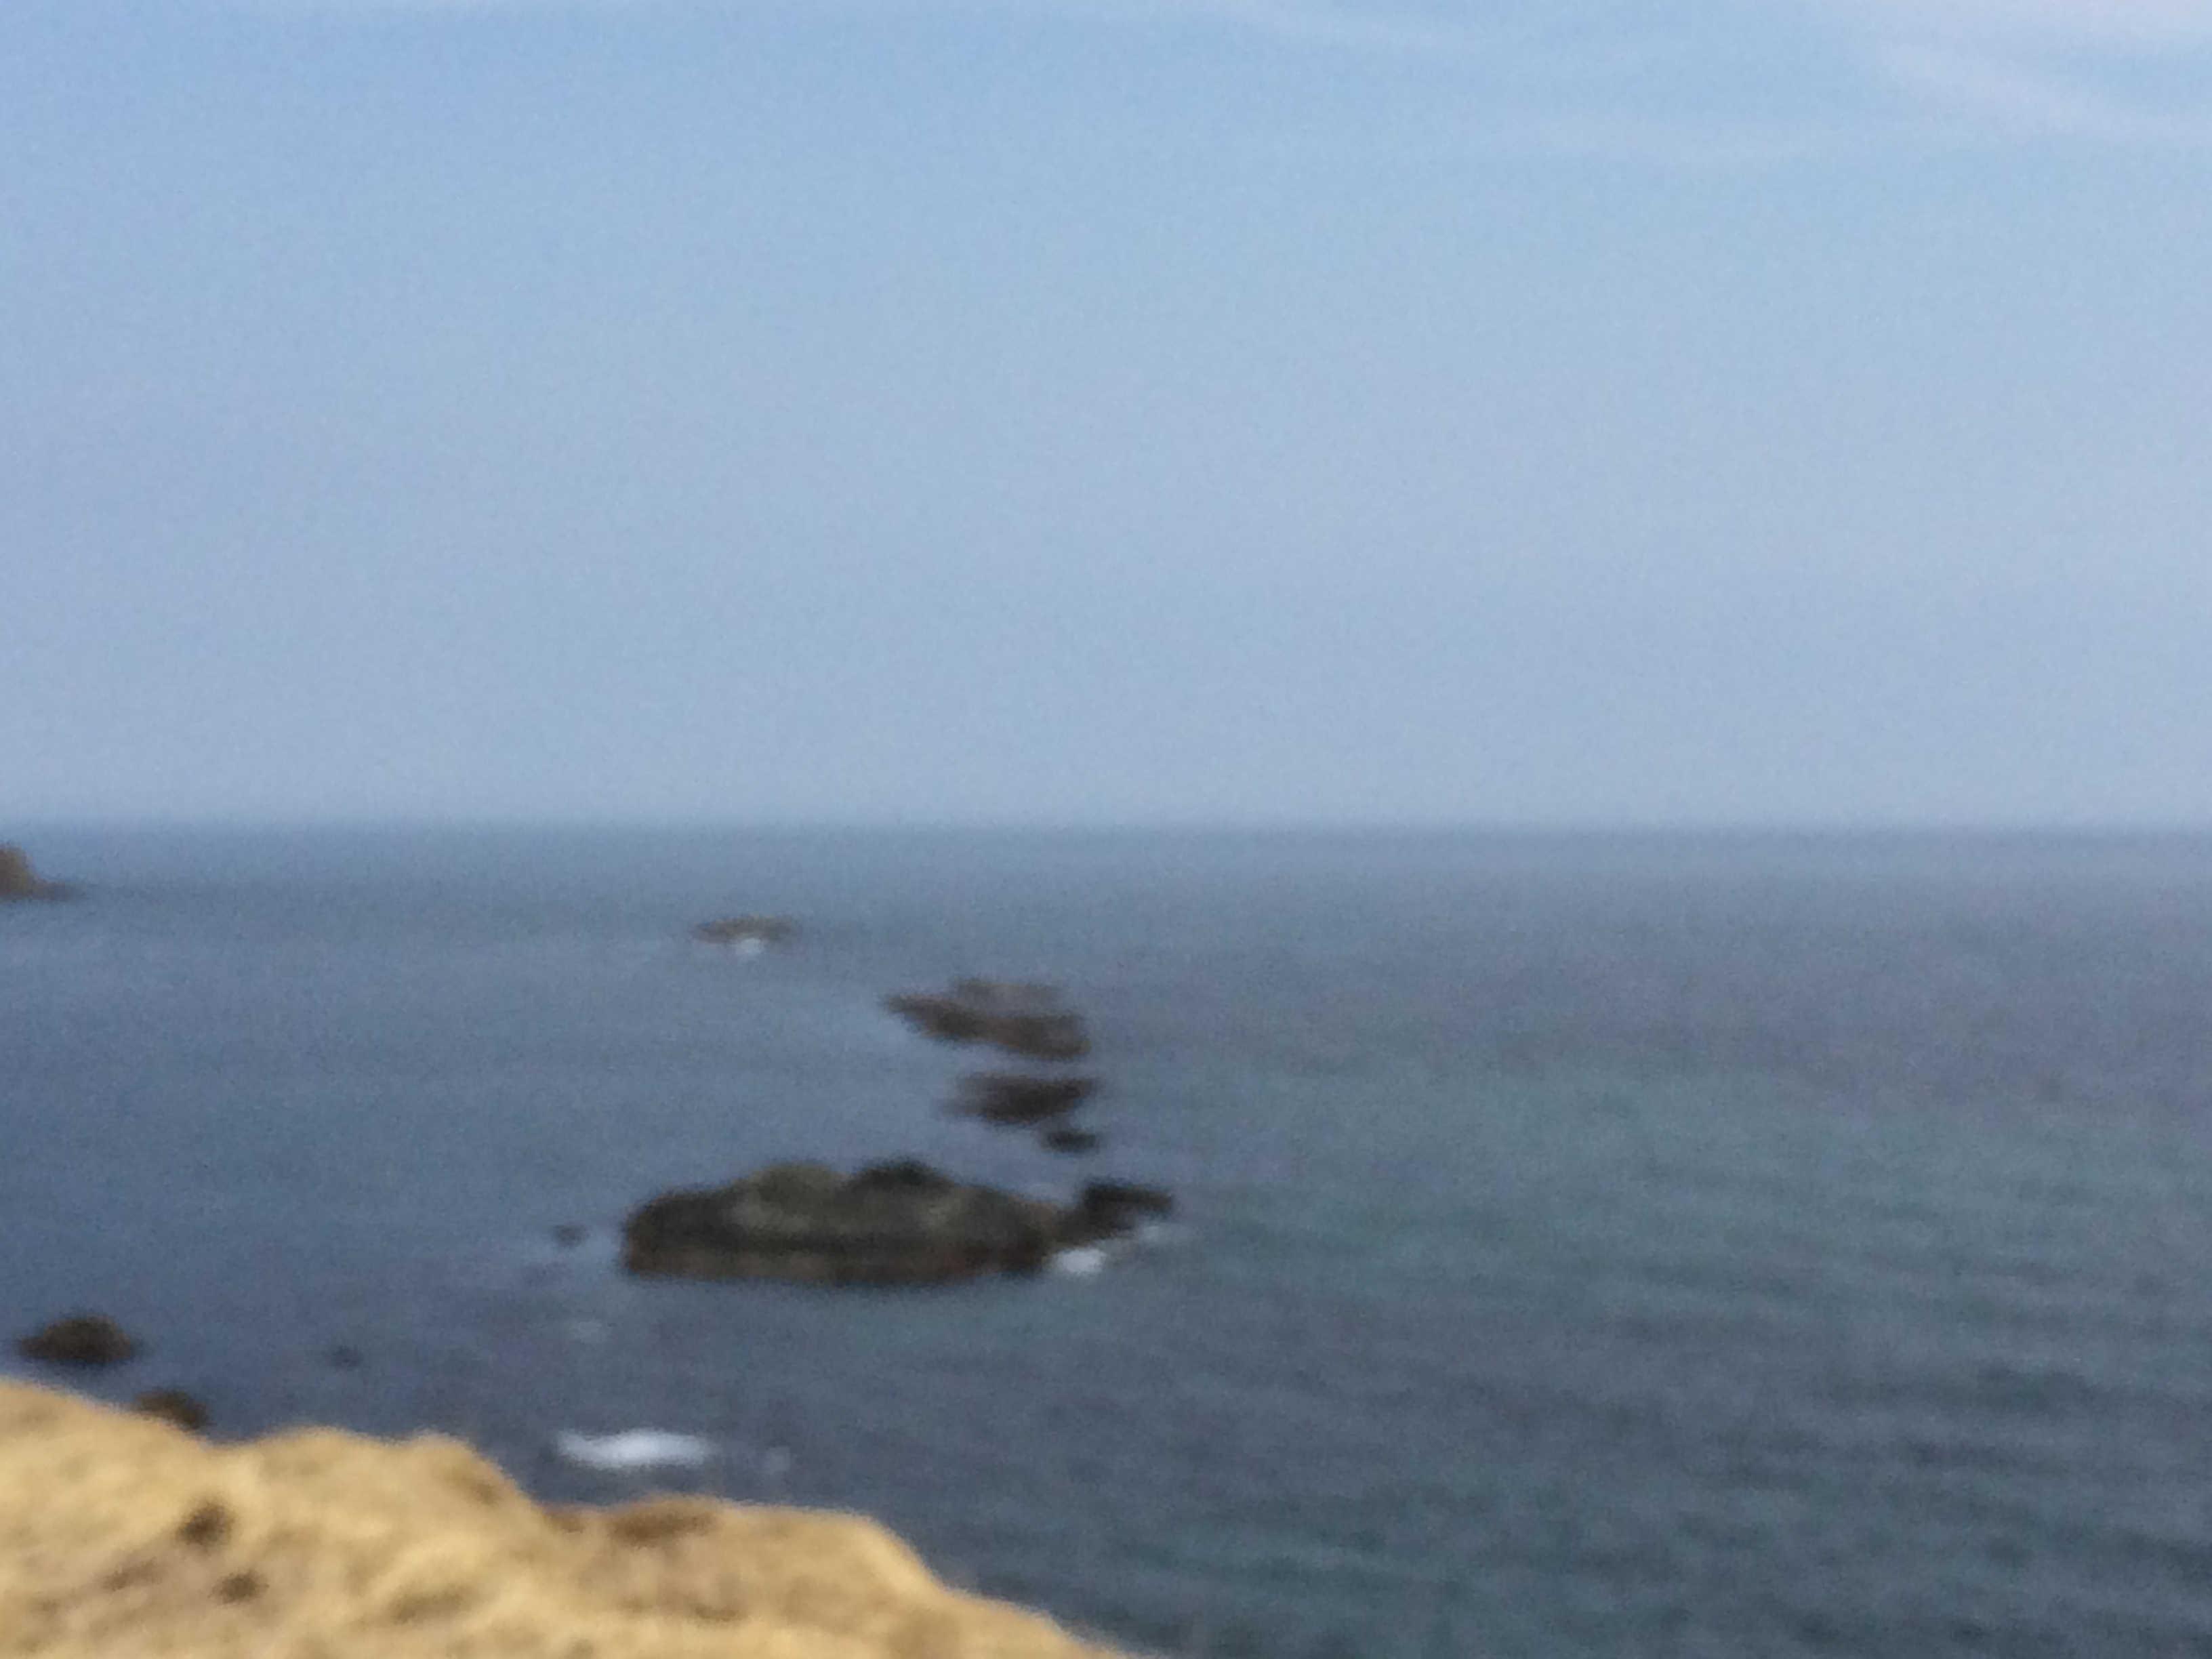 須古頓岬(スコトン岬)